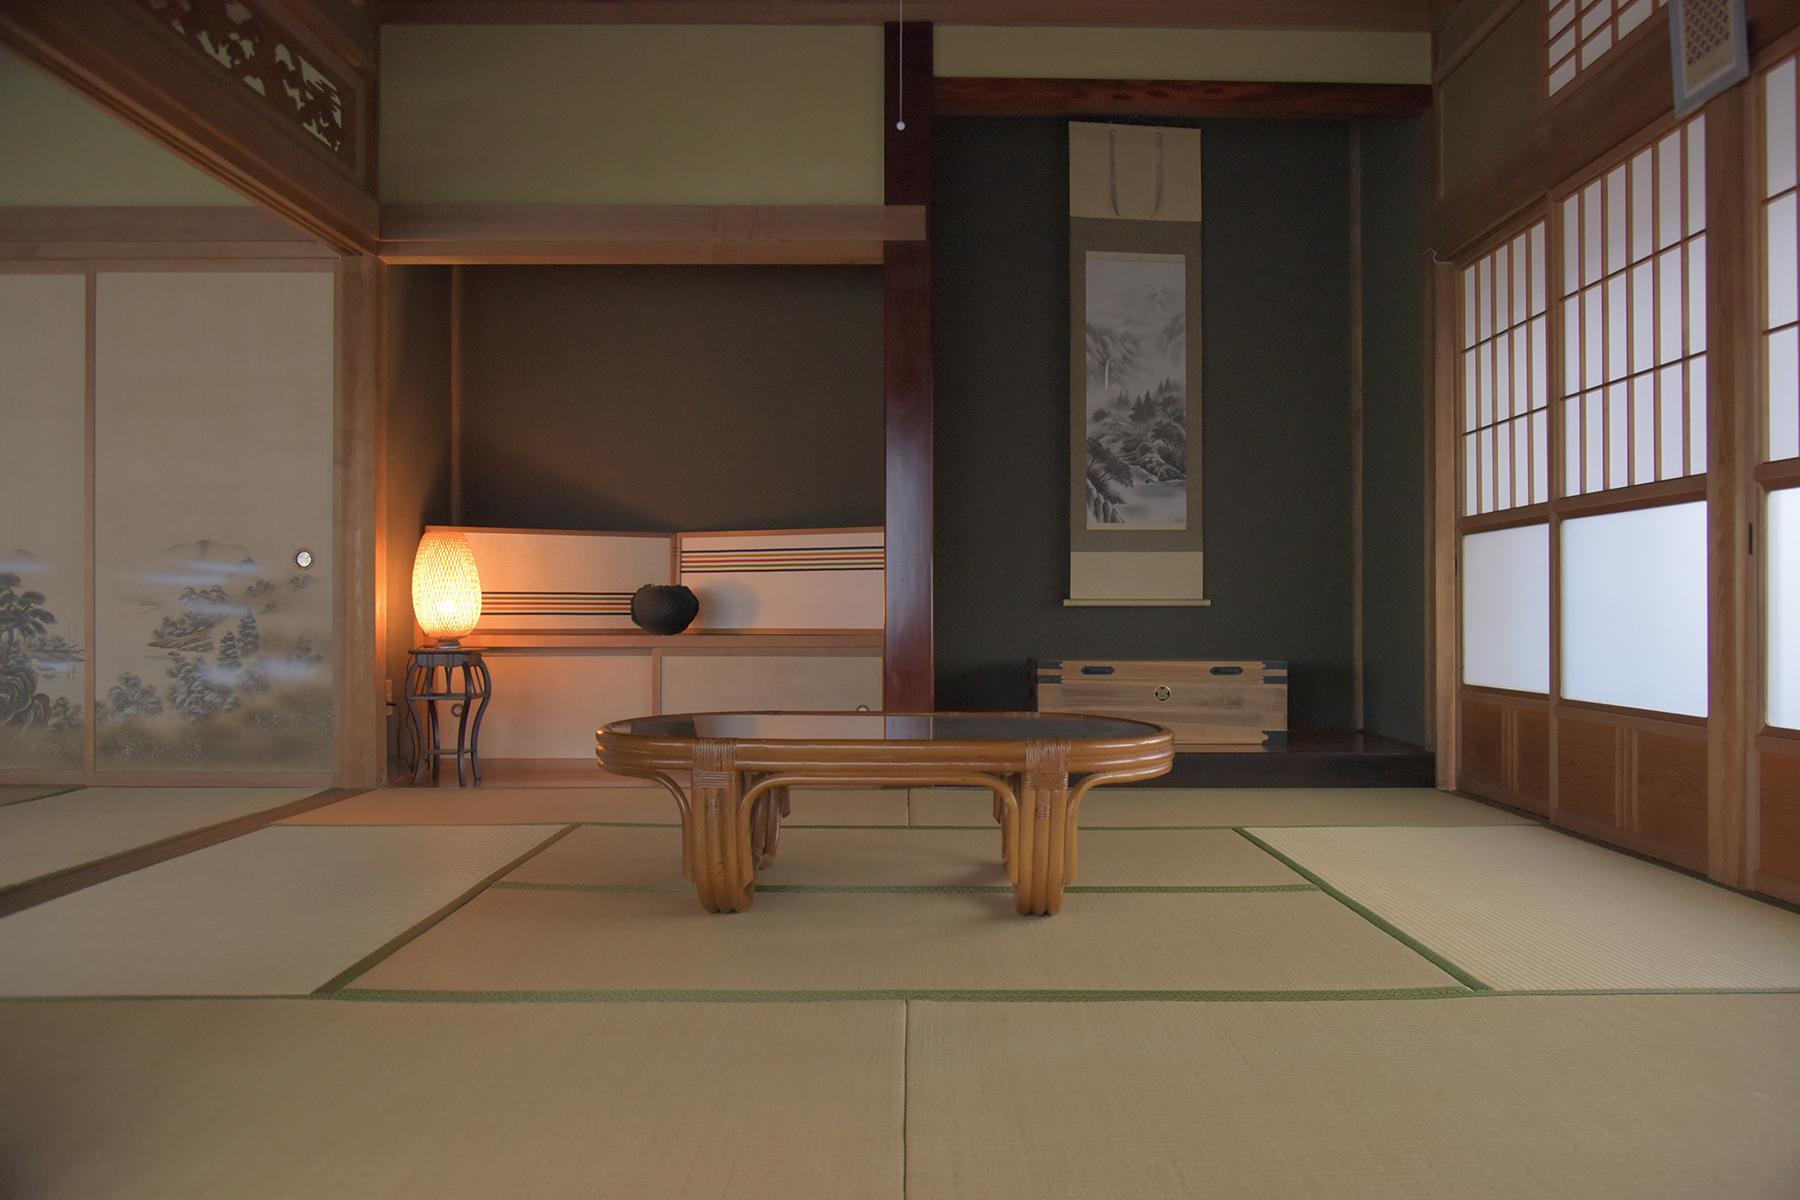 佐倉スタジオ (サクラ スタジオ)二階廊下